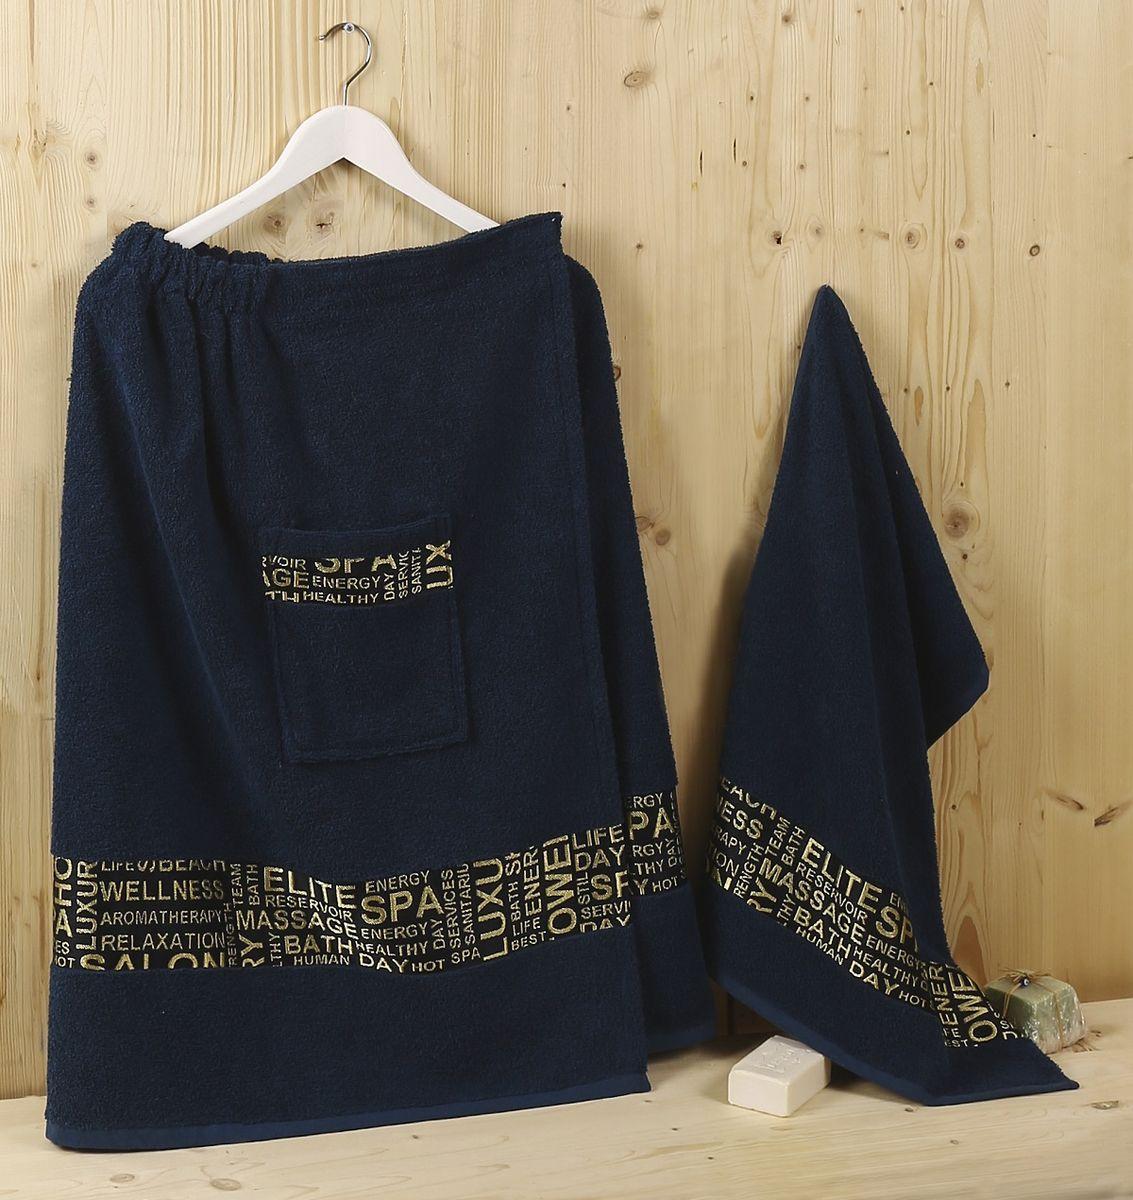 Набор для сауны Karna Relax, цвет: синий, 2 предмета1239/CHAR004Махровый мужской набор для сауны Relax изготавливают из высококачественного 100% хлопка. Хлопковые нити прядутся из длинных волокон. Длина волокон хлопковой нити влияет на свойства ткани, чем длиннее волокна, тем махровое изделие прочнее, пушистее и мягче на ощупь. А также махровое изделие будет отлично впитывать воду и быстро сохнуть. На впитывающие качества махры (ее гигроскопичность) конечно же влияет состав волокон. Набор абсолютно не аллергенен, имеет высокую воздухопроницаемость и долгий срок использования.Состоит из килта и банного полотенца.